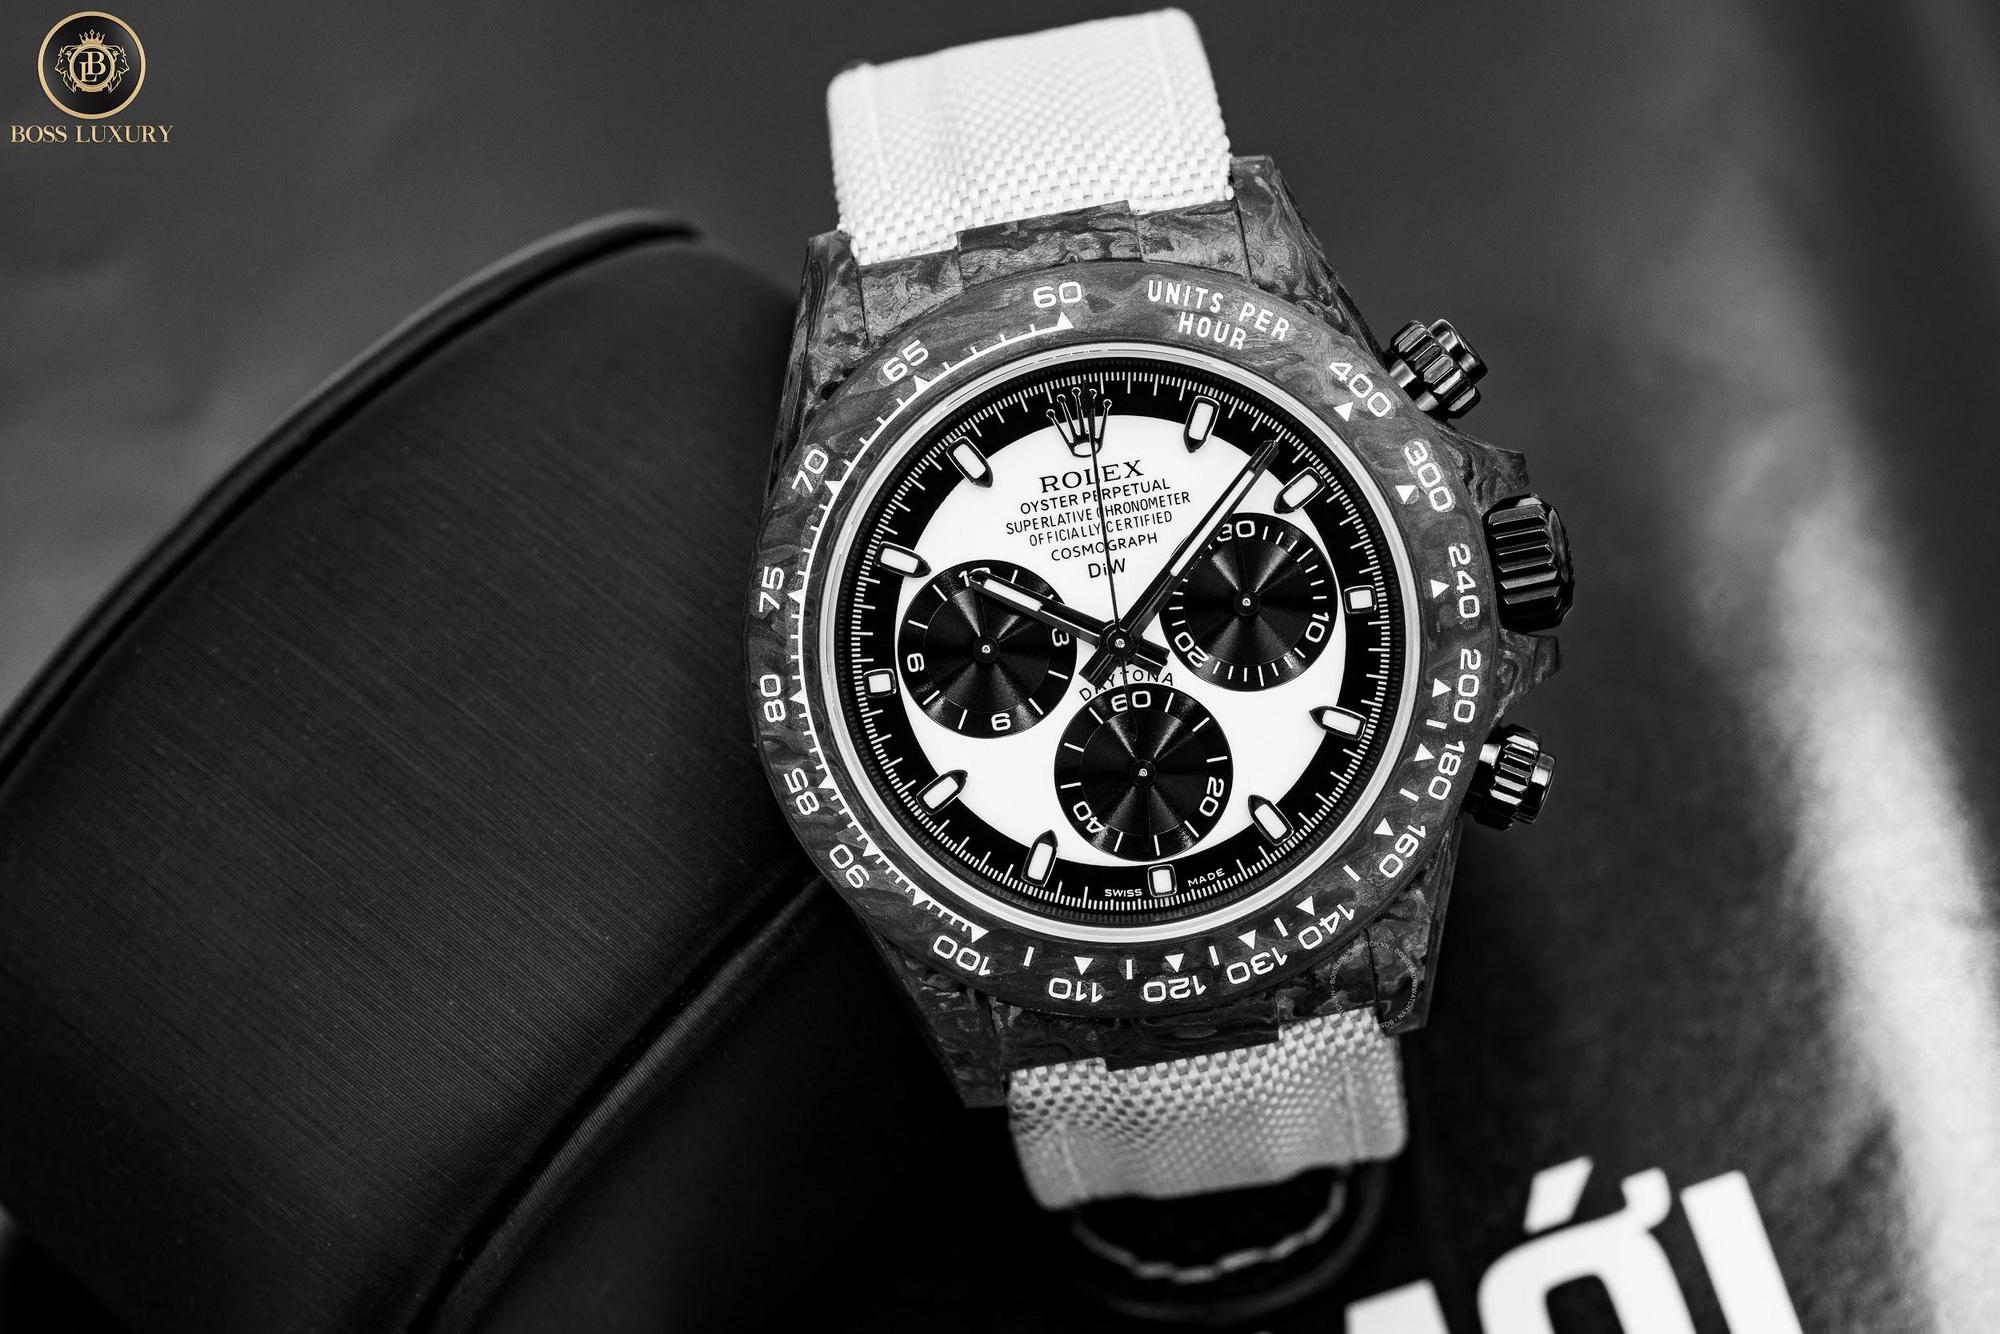 Top 5 cỗ máy đồng hồ hiệu Rolex đắt giá có mặt tại Boss Luxury - Ảnh 4.